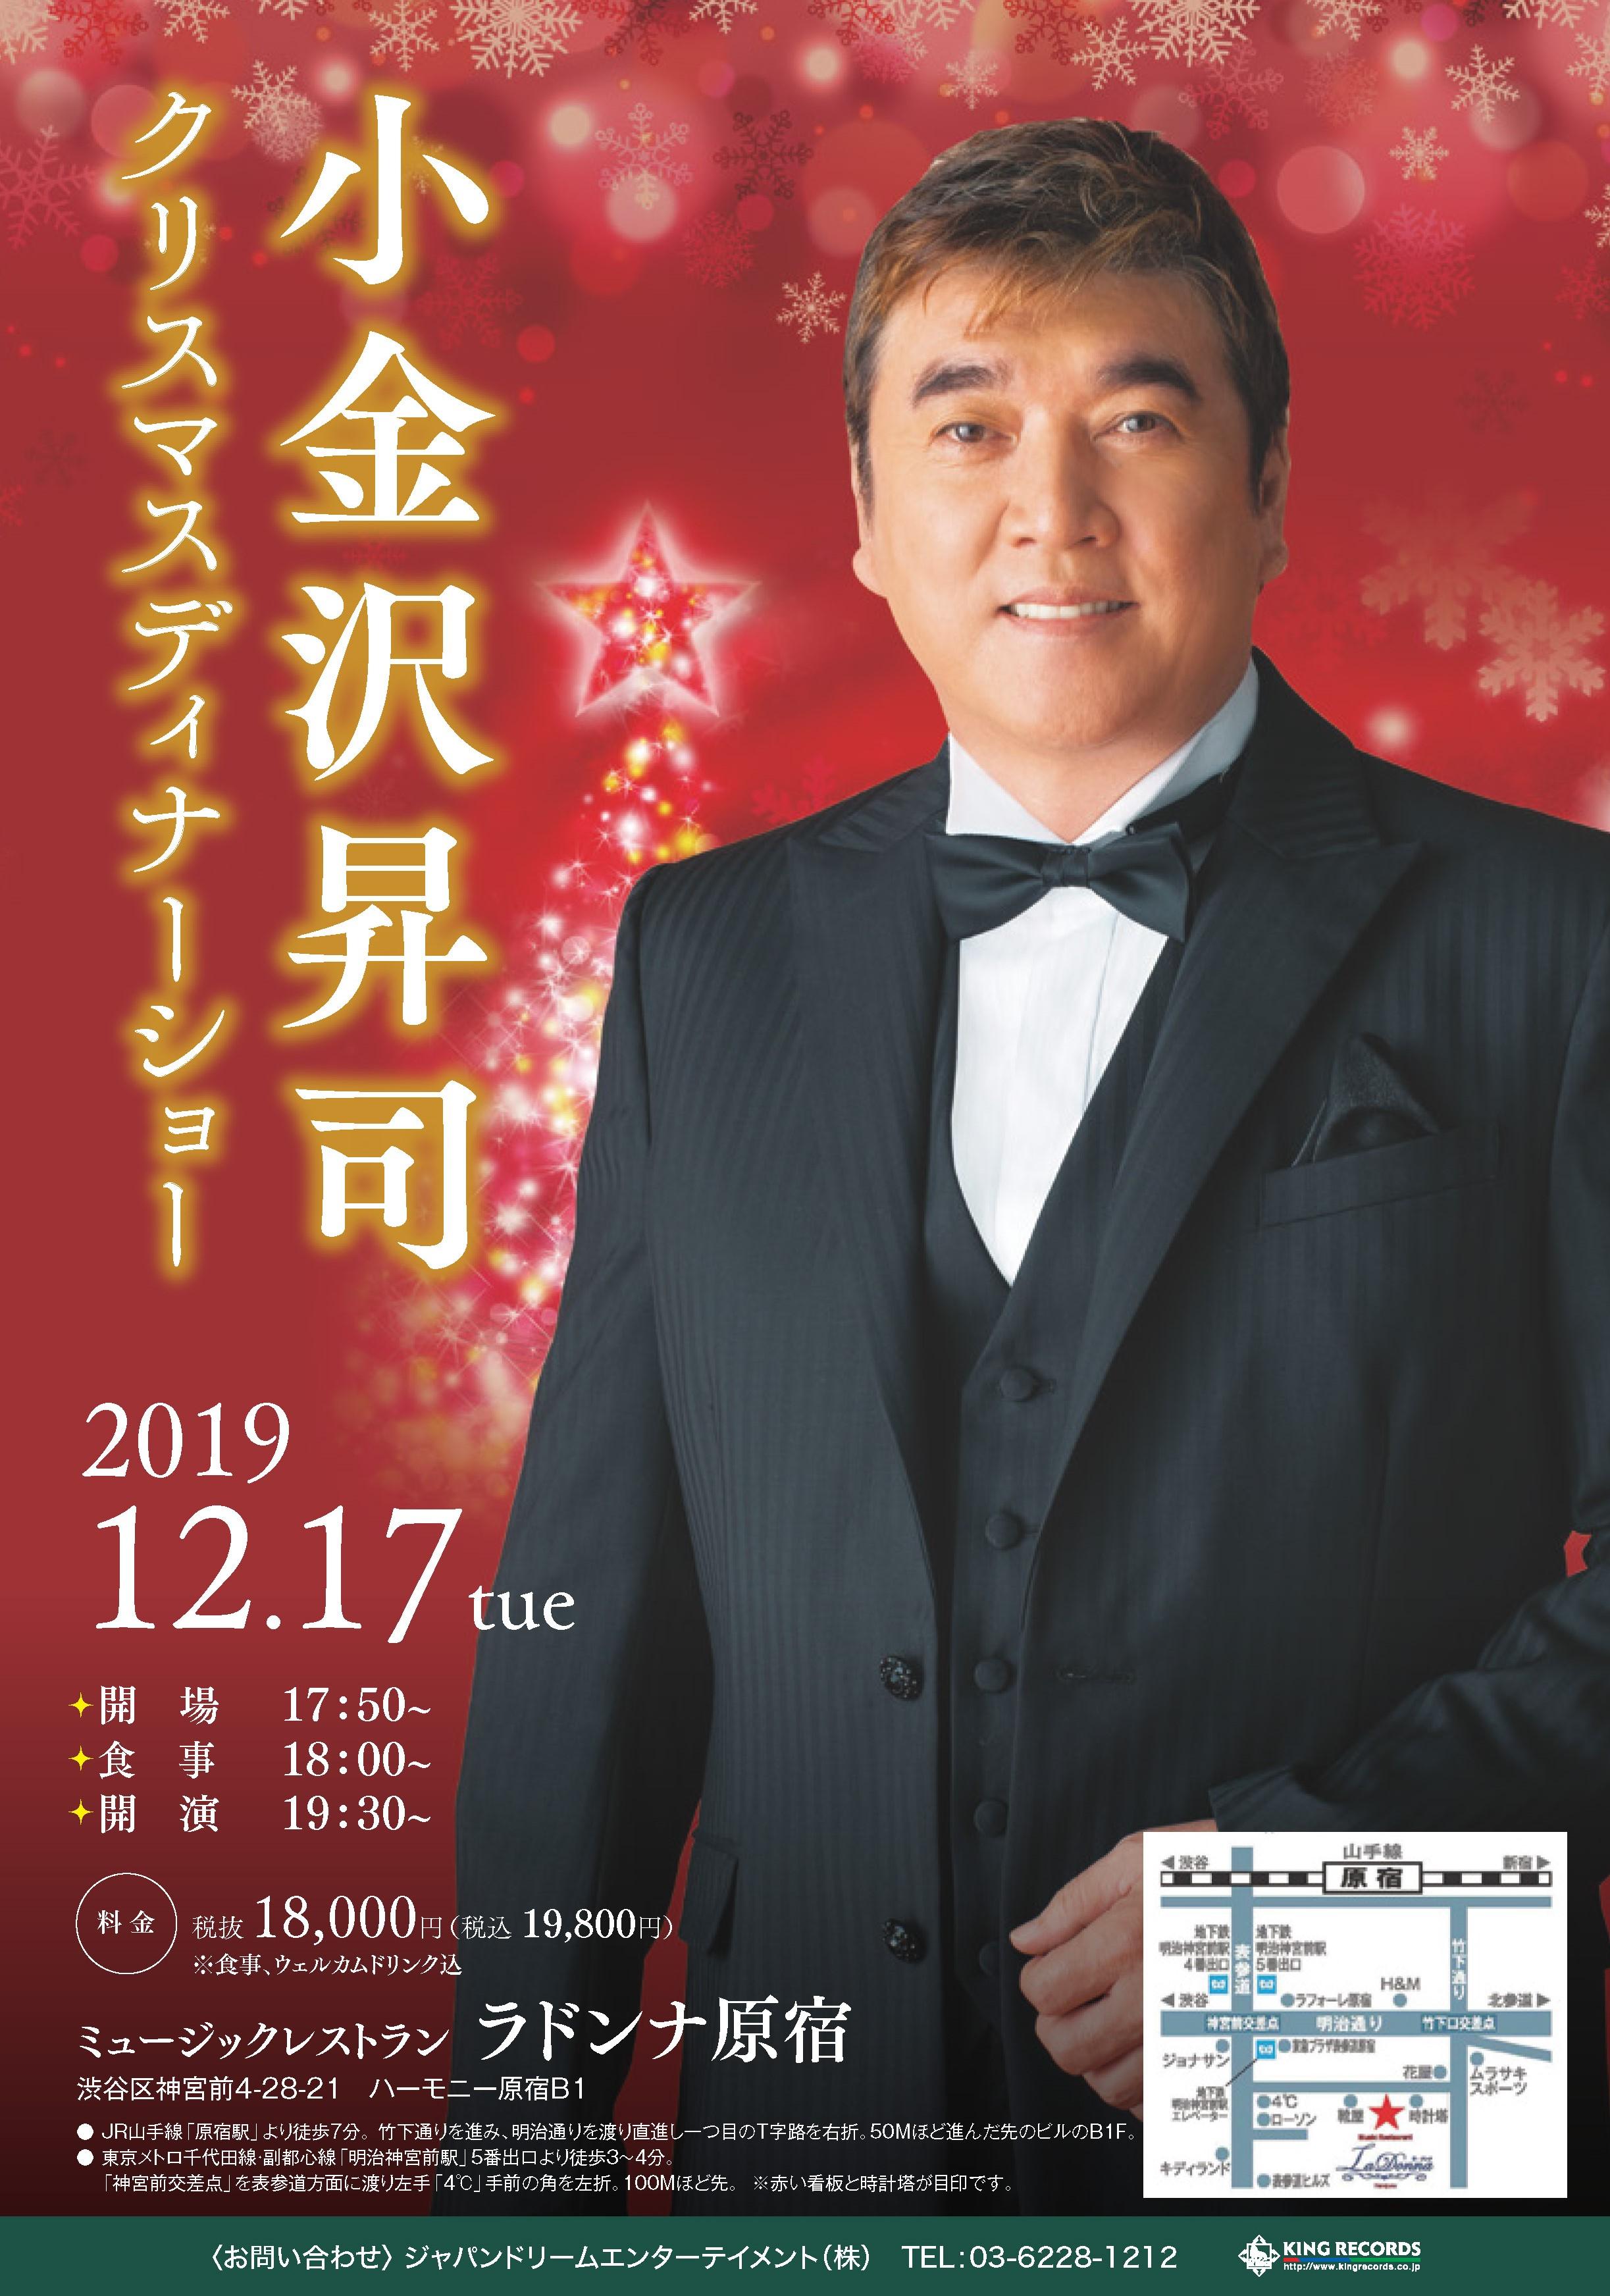 小金沢昇司 クリスマスディナーショー